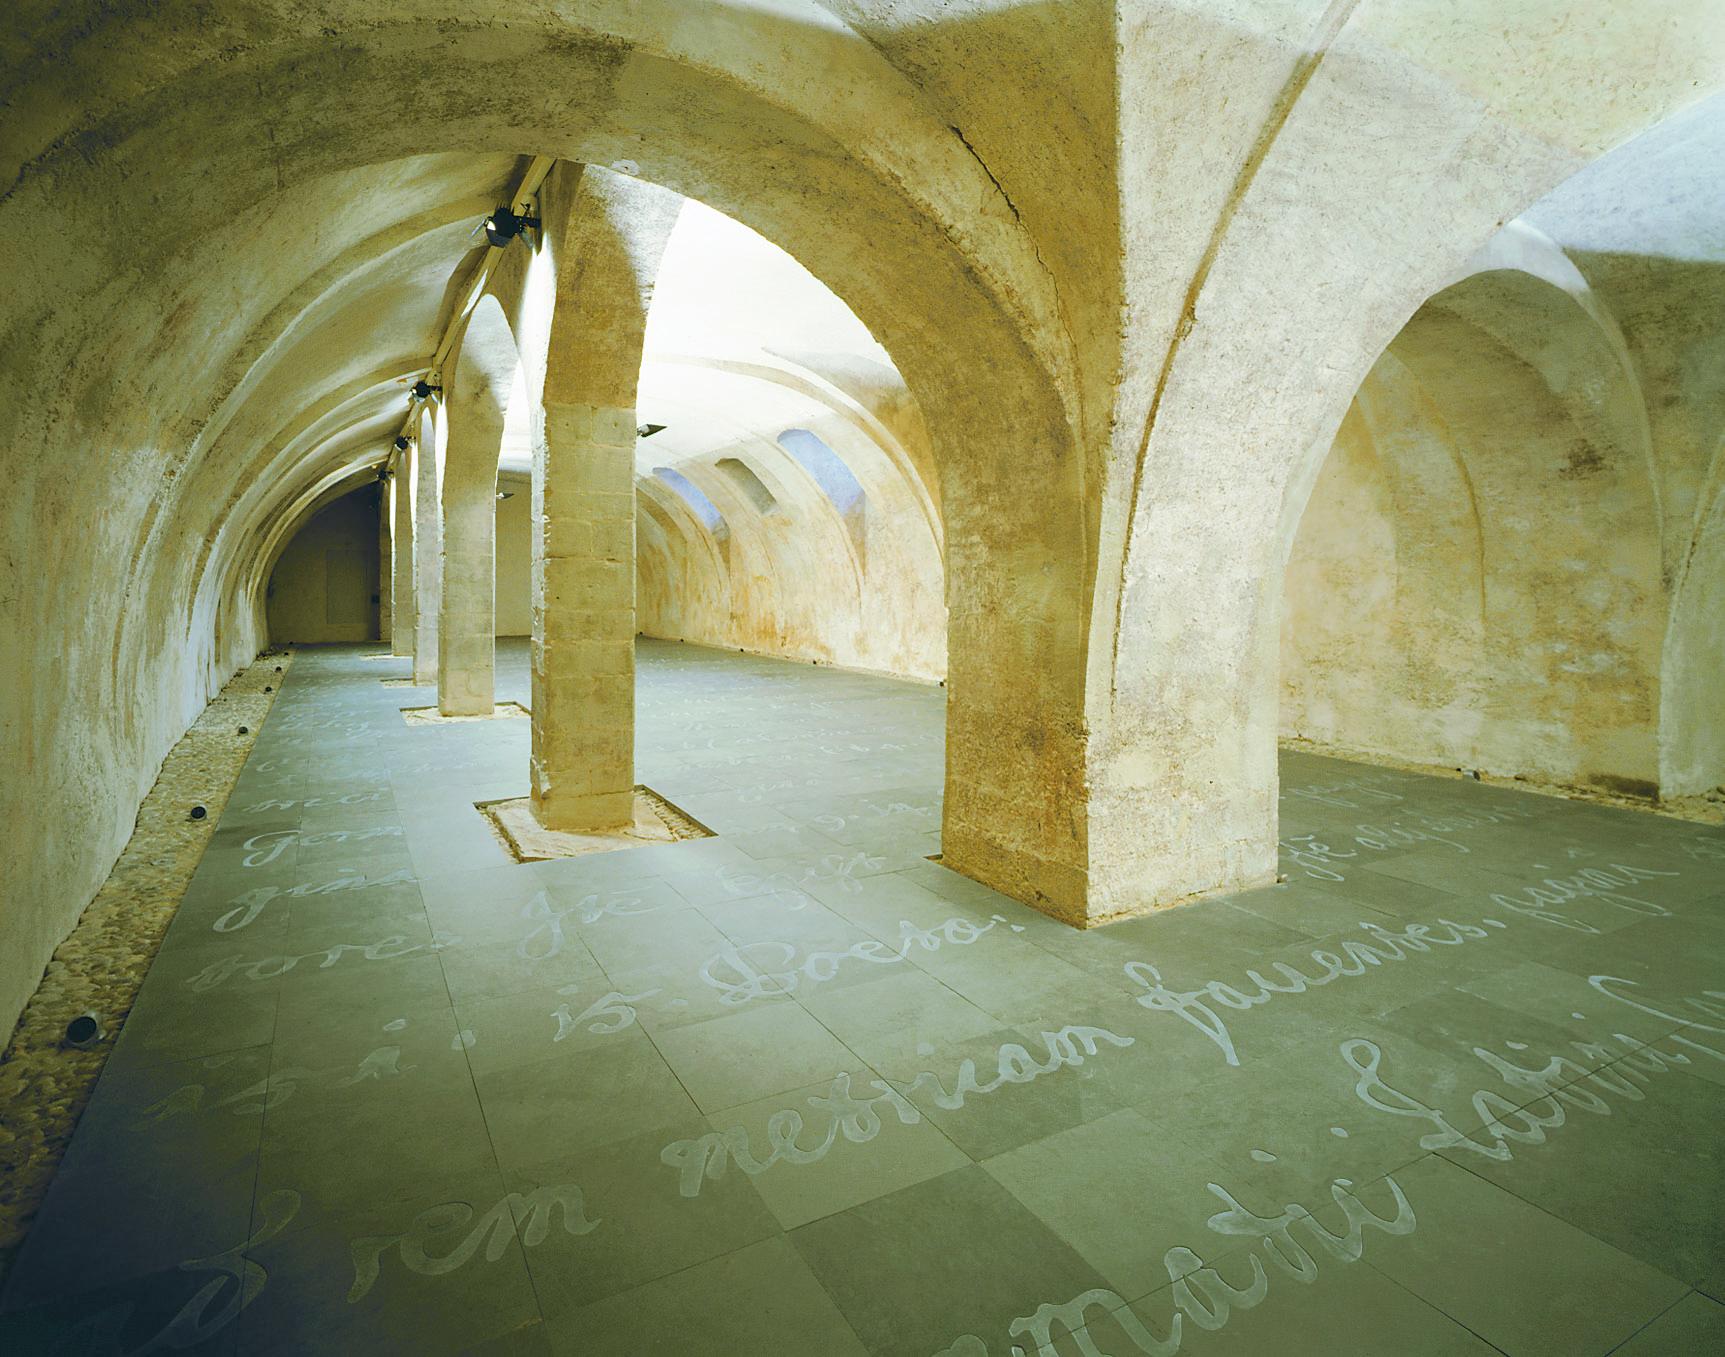 Führung im Kunstmuseum: Die aktuellen Ausstellungen